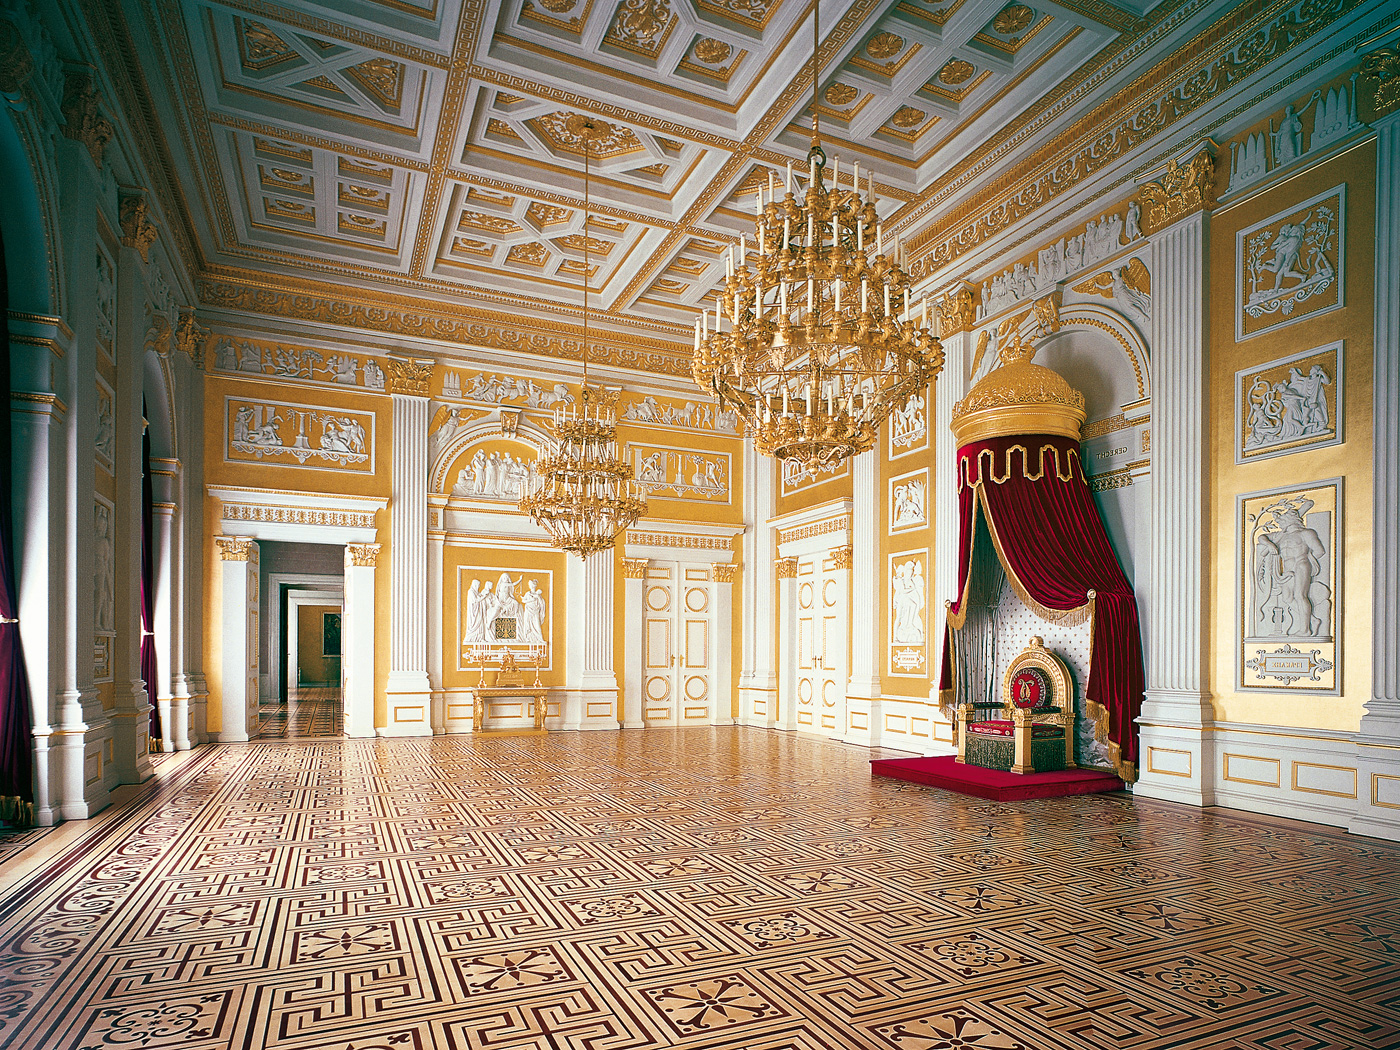 Residenz il palazzo reale di monaco for Planimetrie del palazzo con sala da ballo